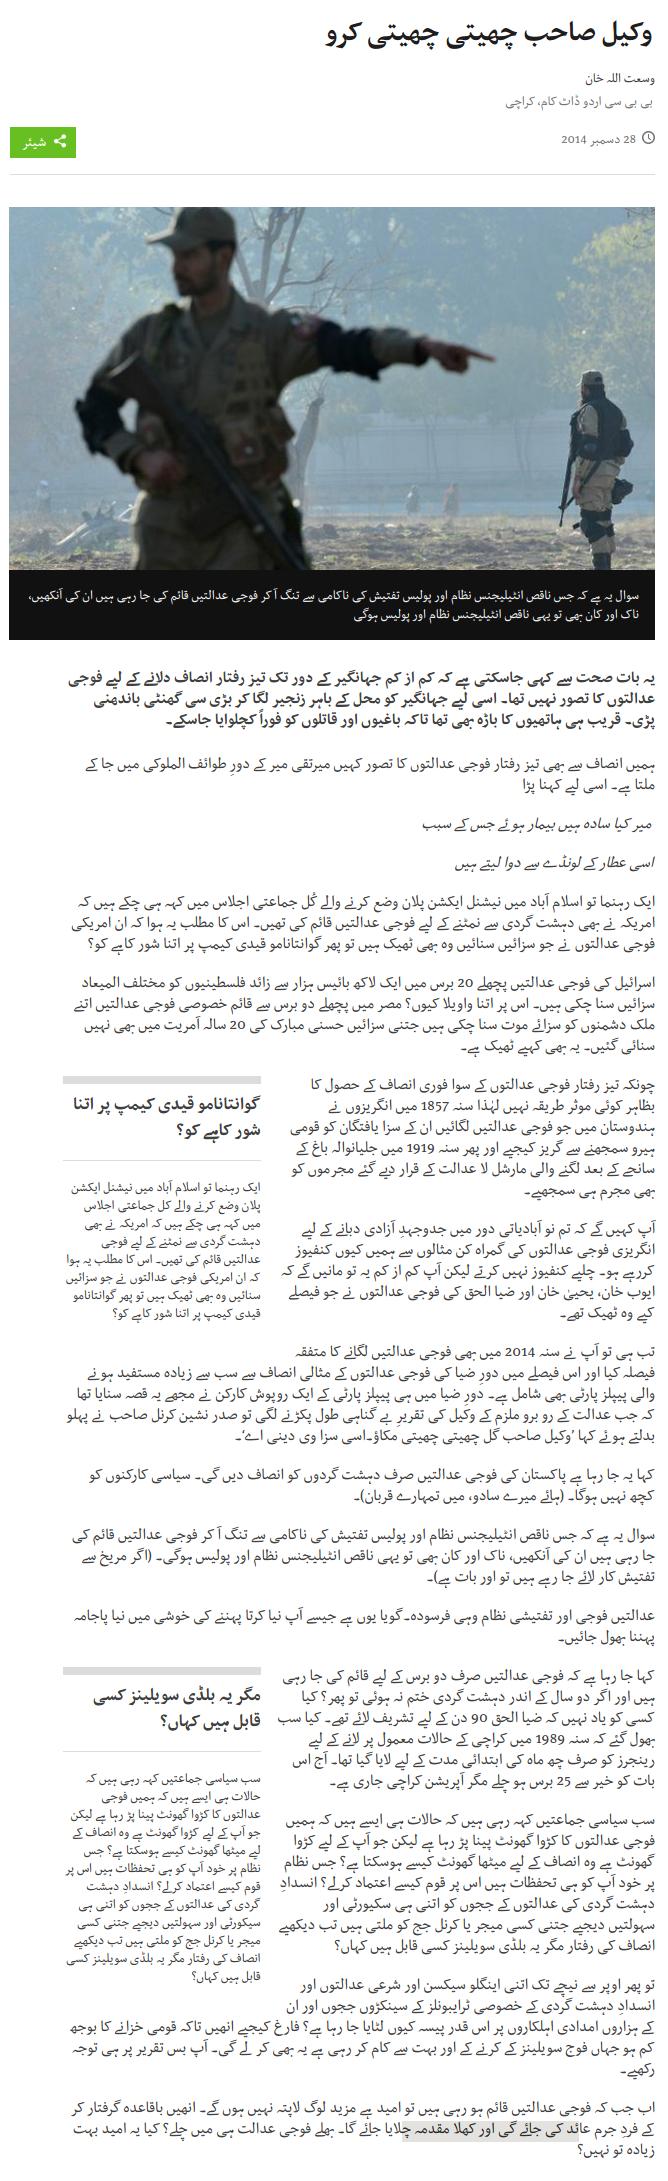 Wakeel Sahib Cheti cheti kro - Wusatullah Khan Pakfunny